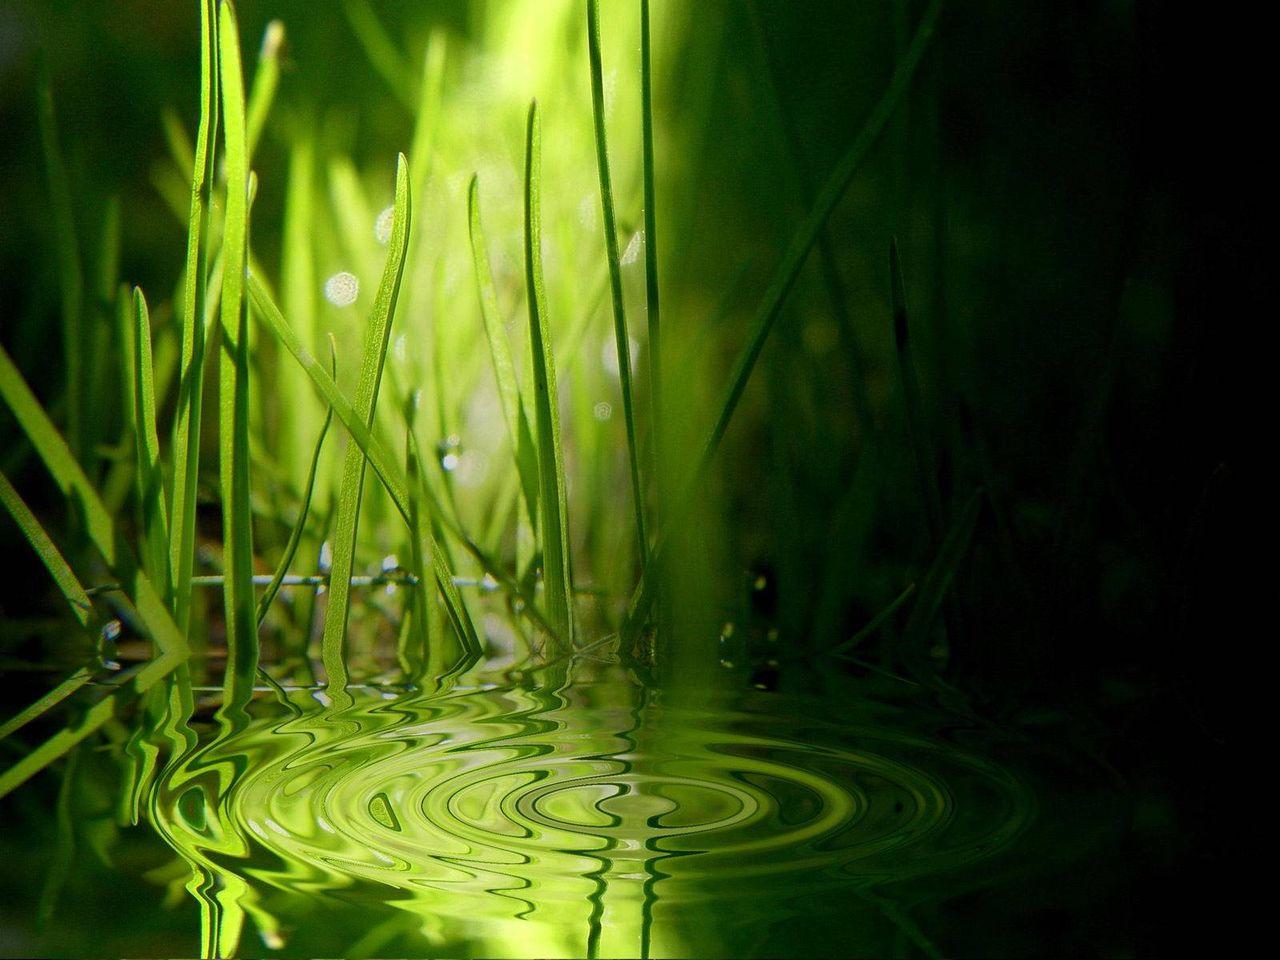 Guillaume Belche WallPaper - grass